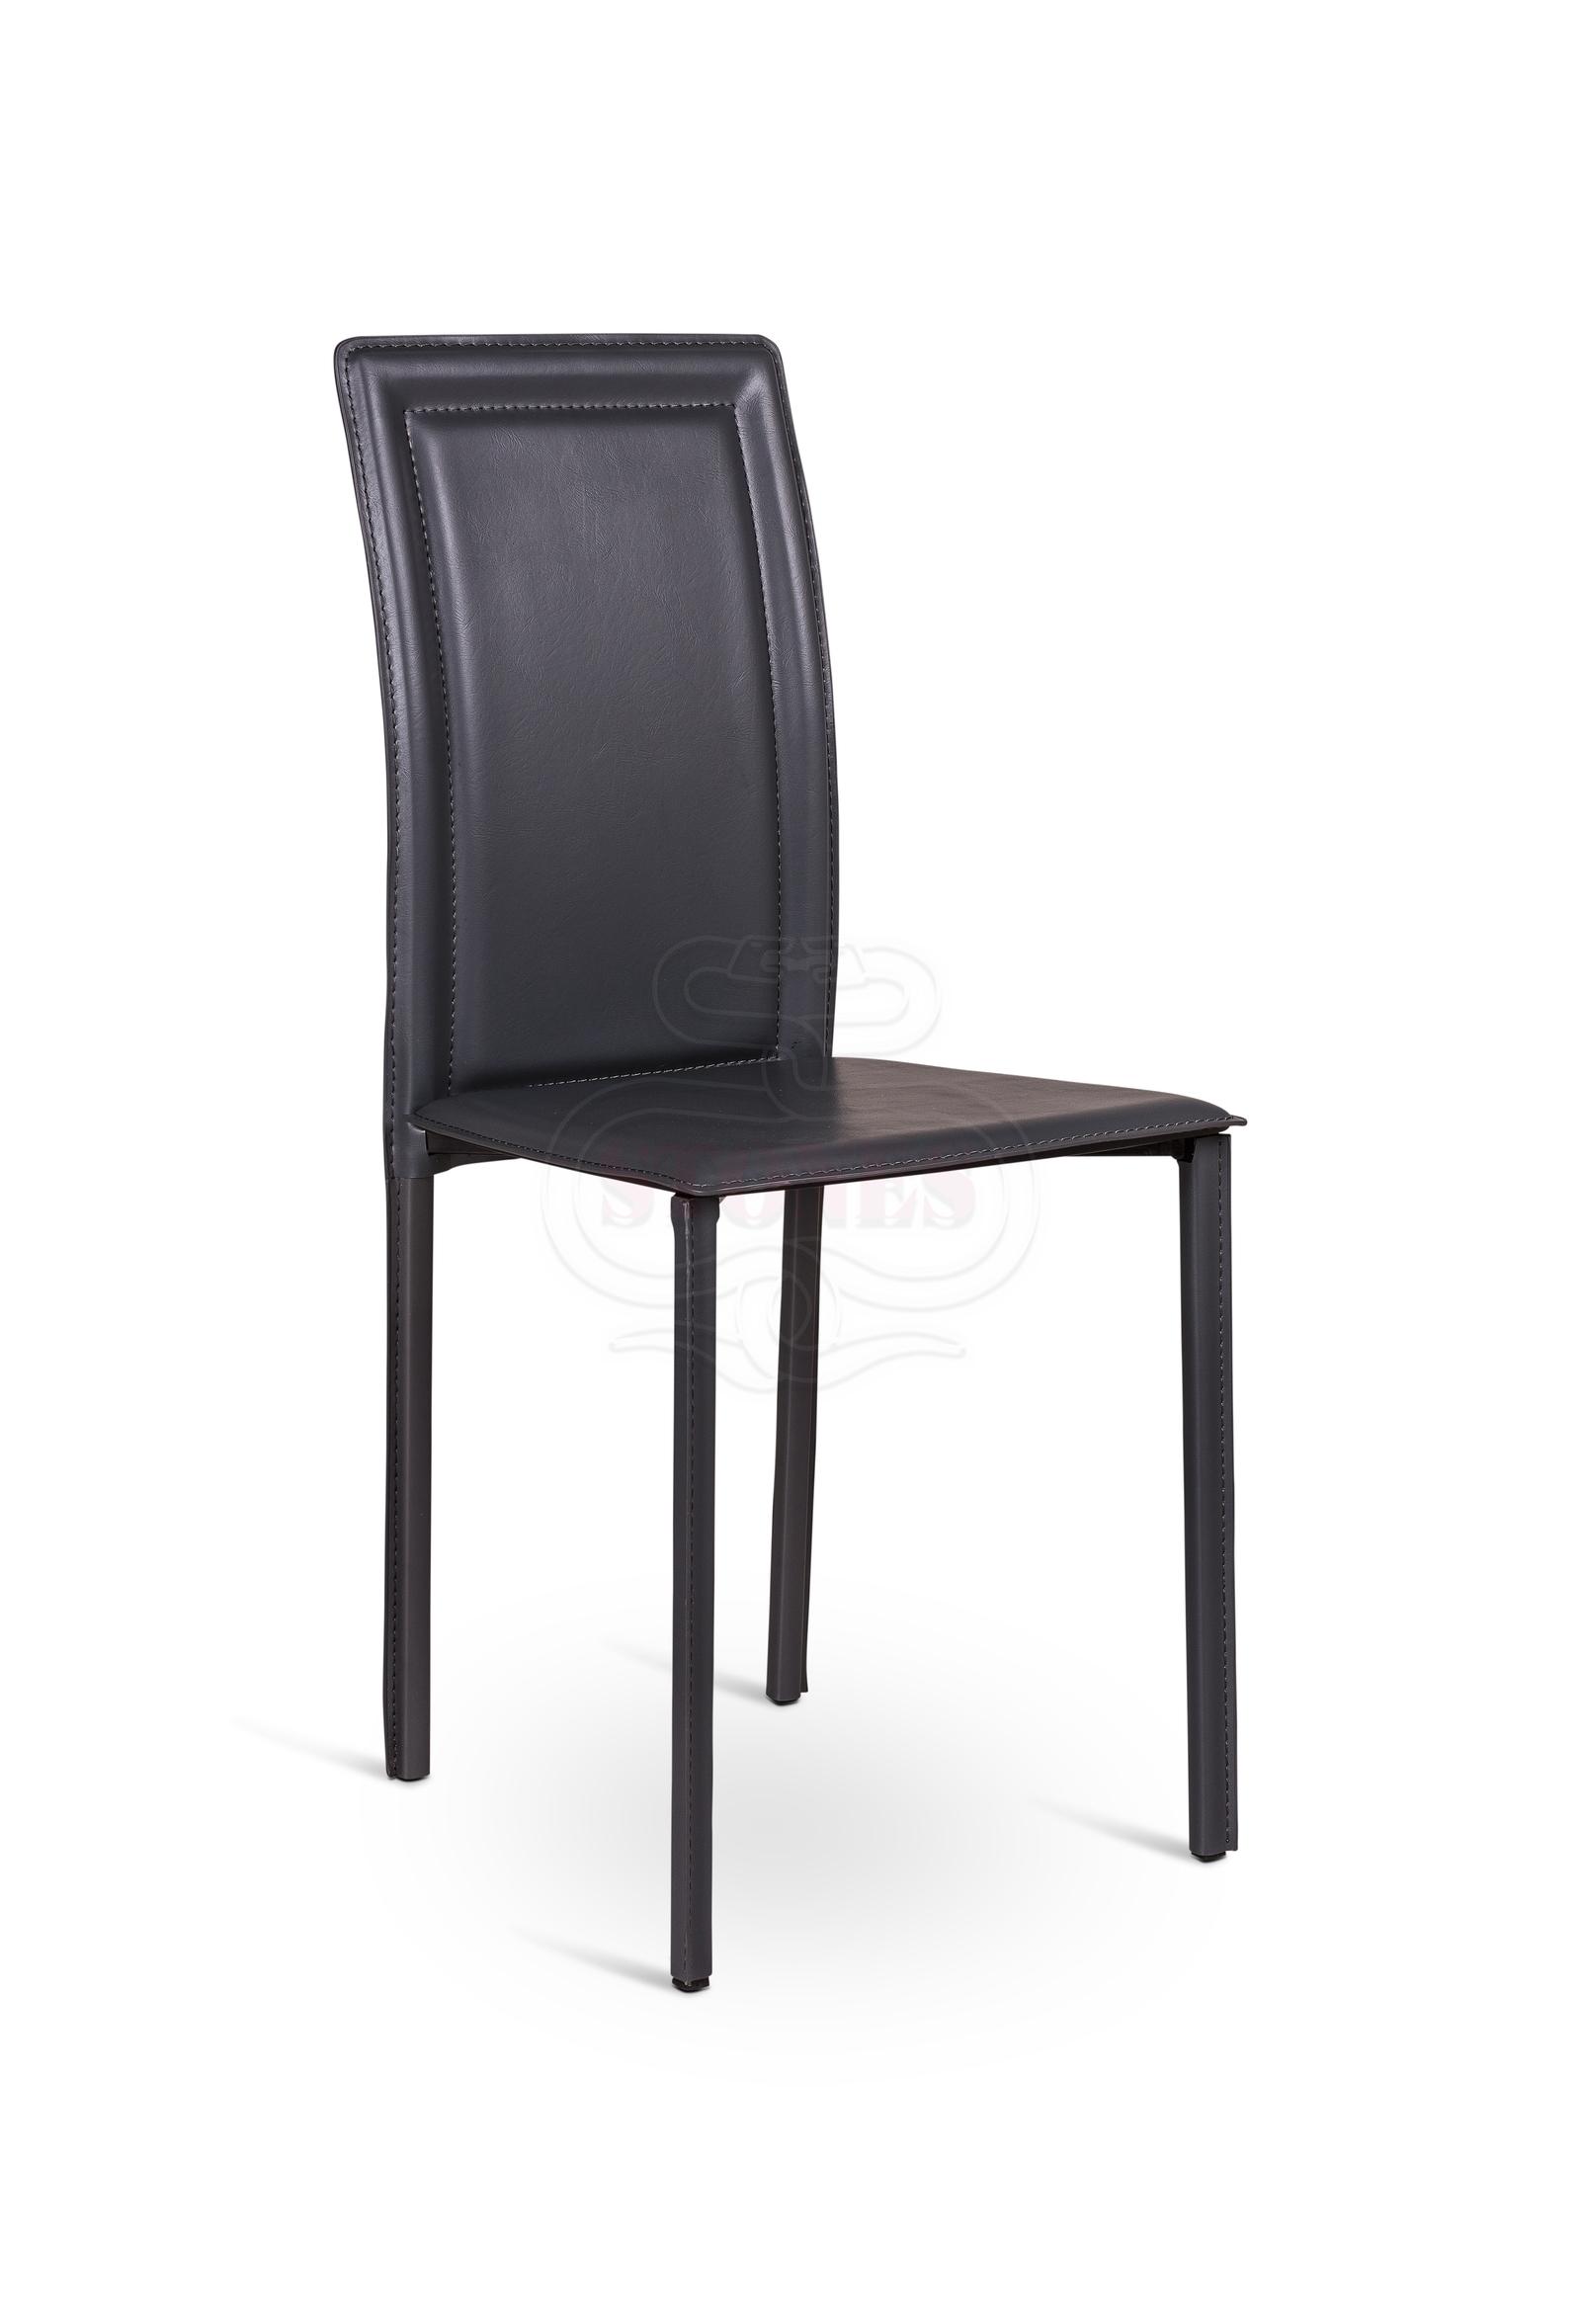 sedia net in cuoio rigenerato sedie a prezzi scontati